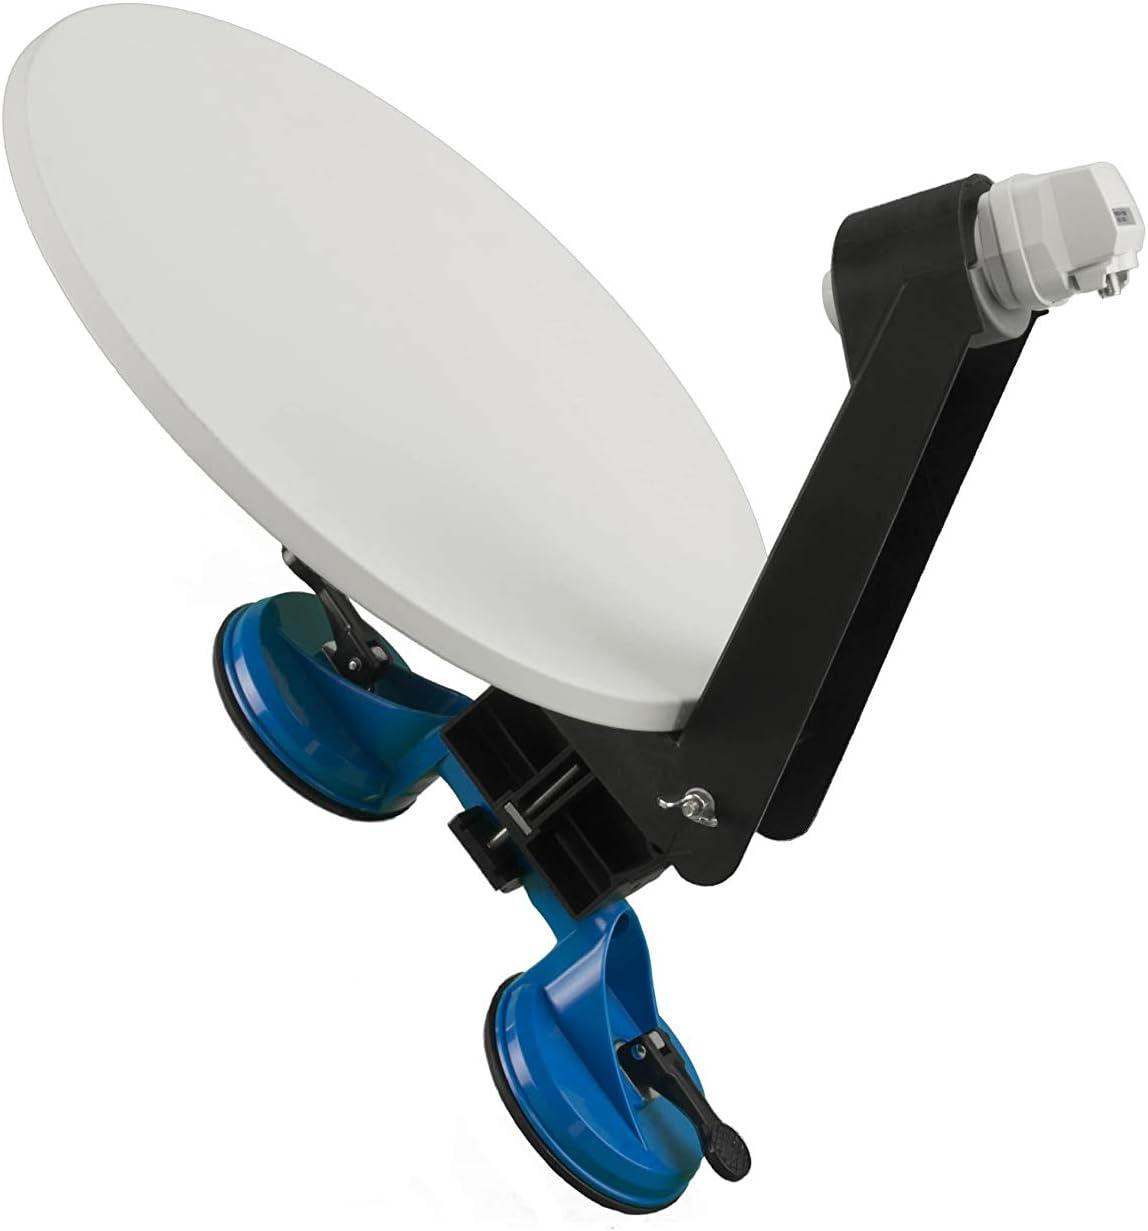 Visio 40 - Antena satélite Manual portátil con fijación de ...